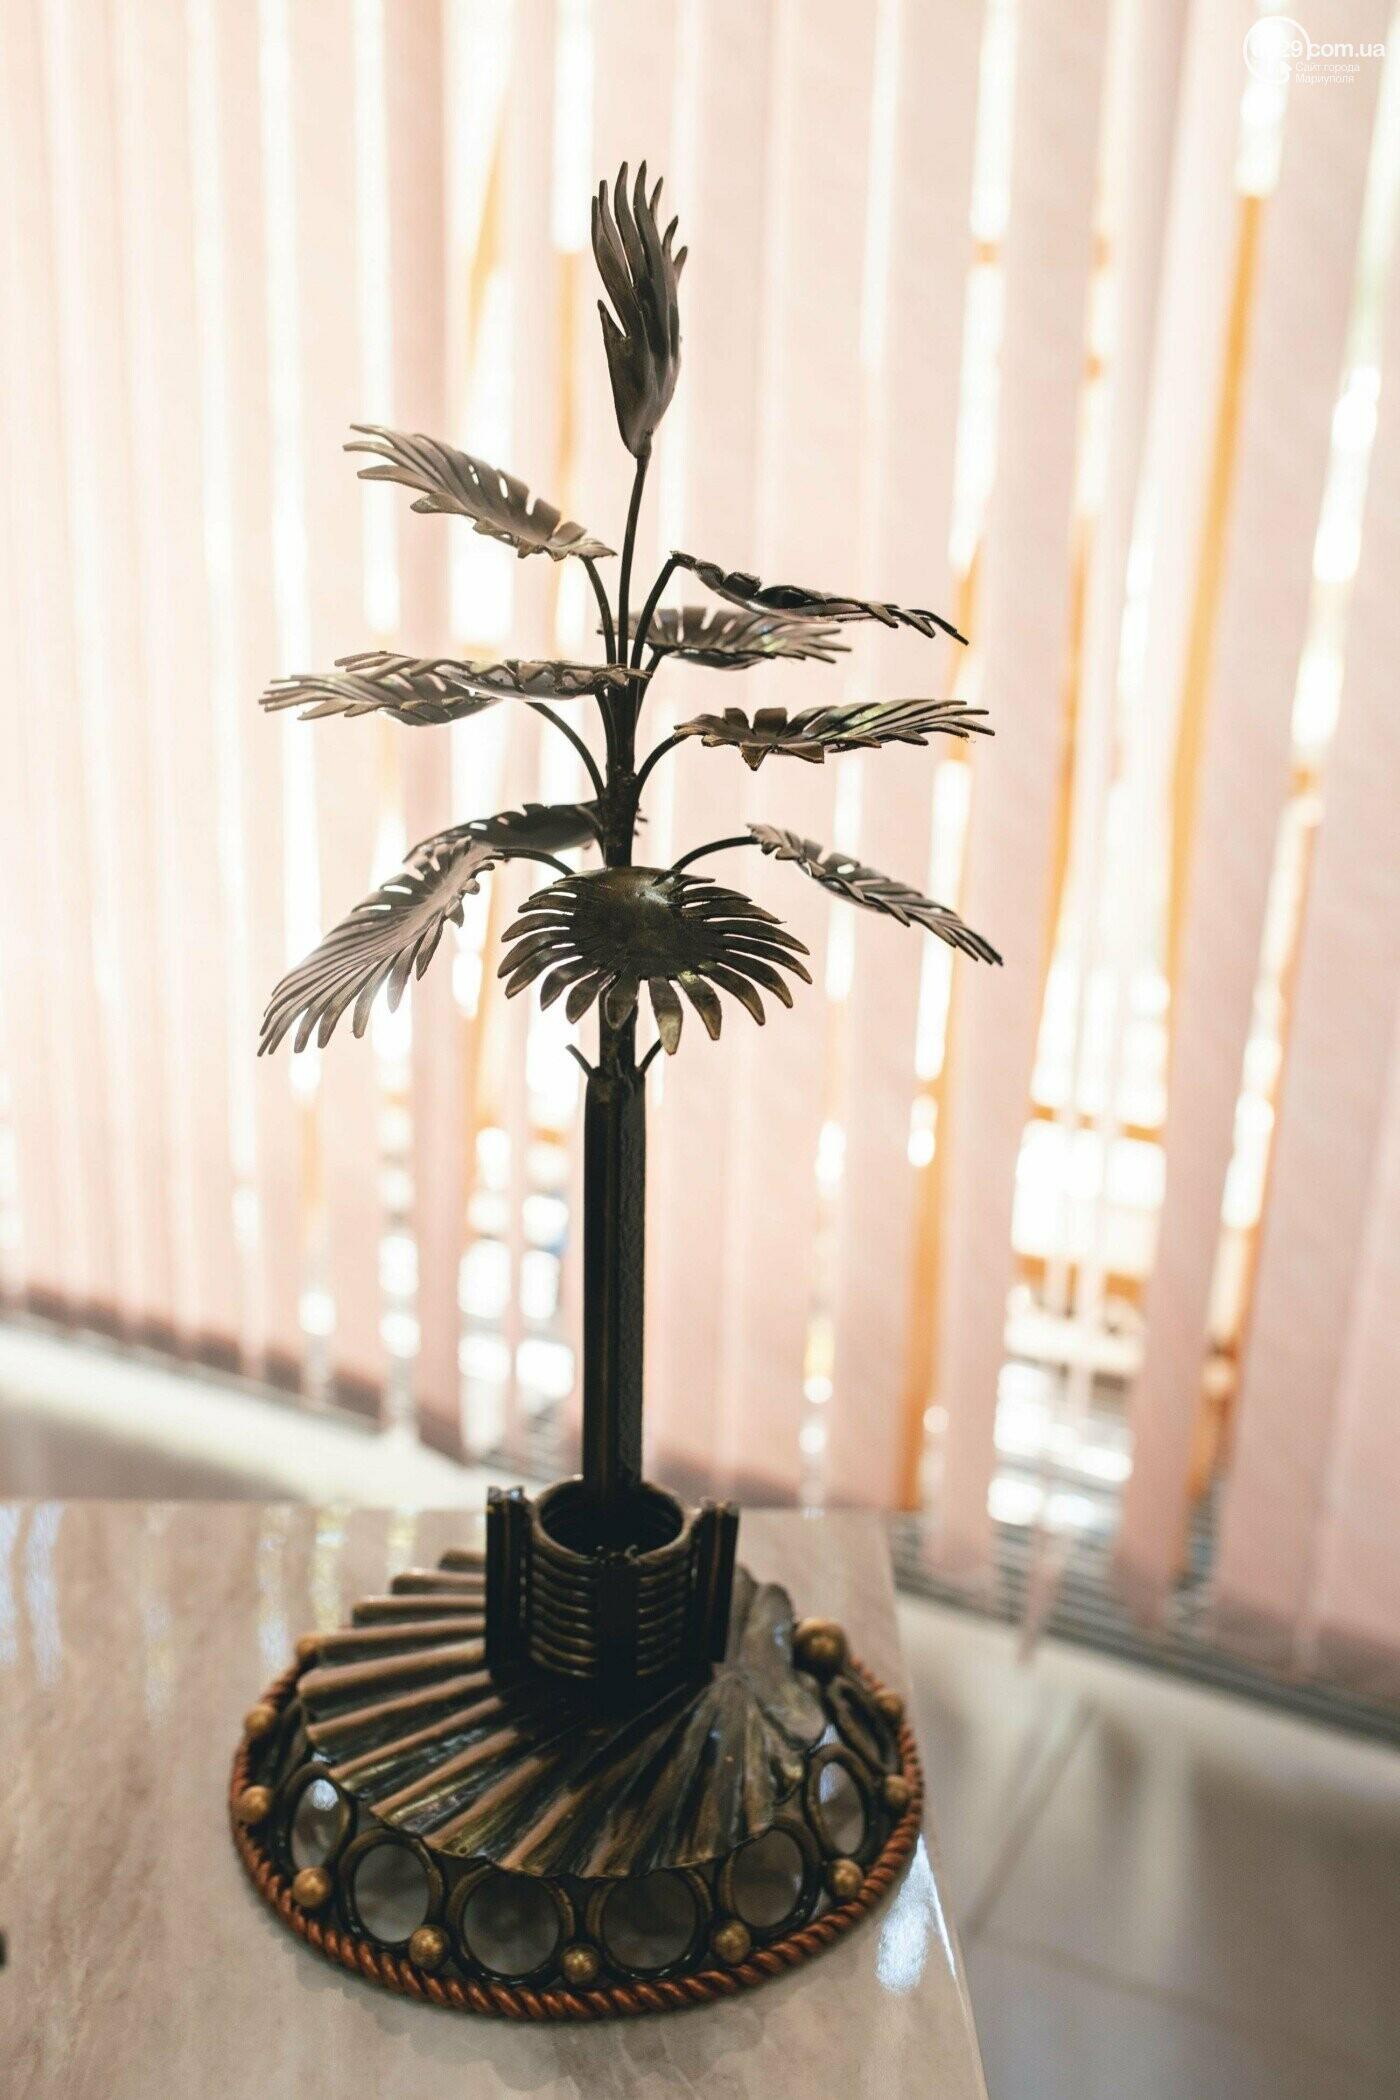 Ковані черепи, пірати та пальми. У Маріуполі відкрилася нова виставка, - ФОТО , фото-9